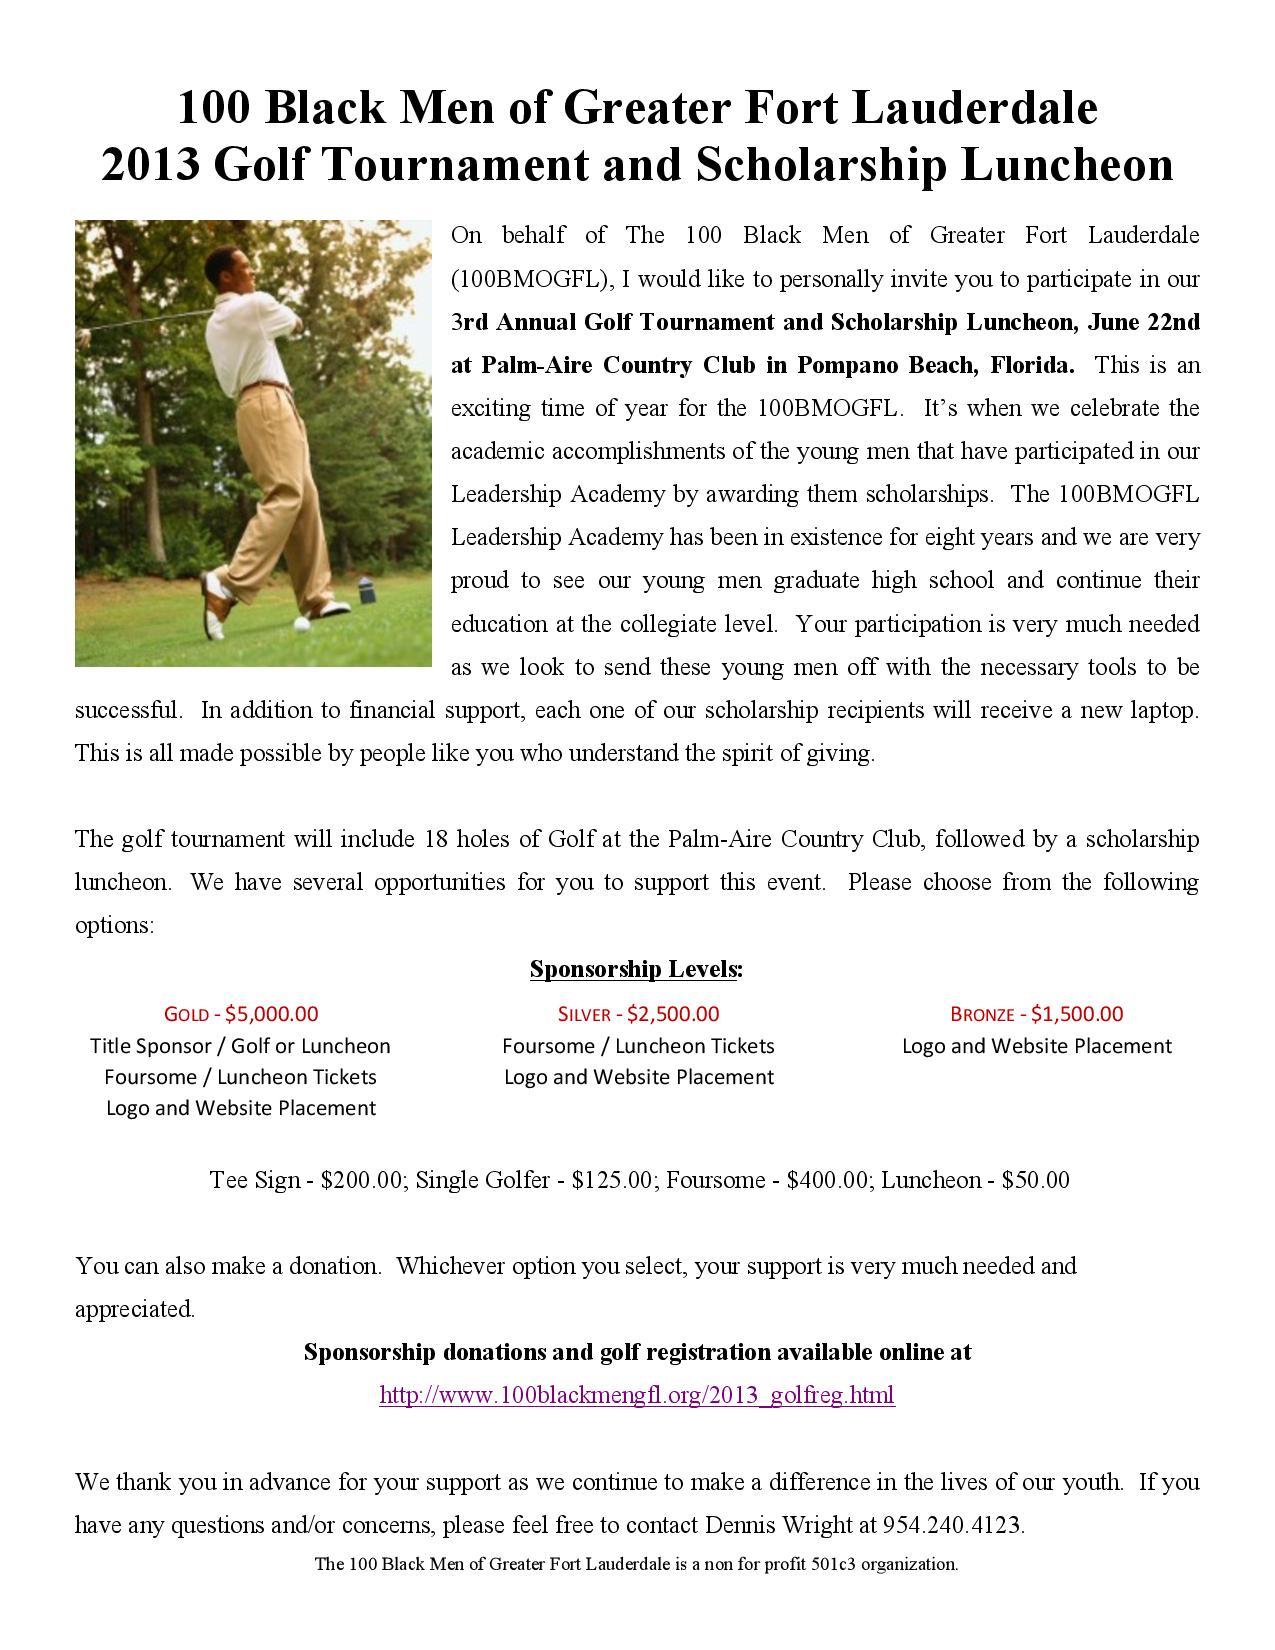 Golf tournament Sponsorship Letter Template - Program Sponsorship Things On Flipboard